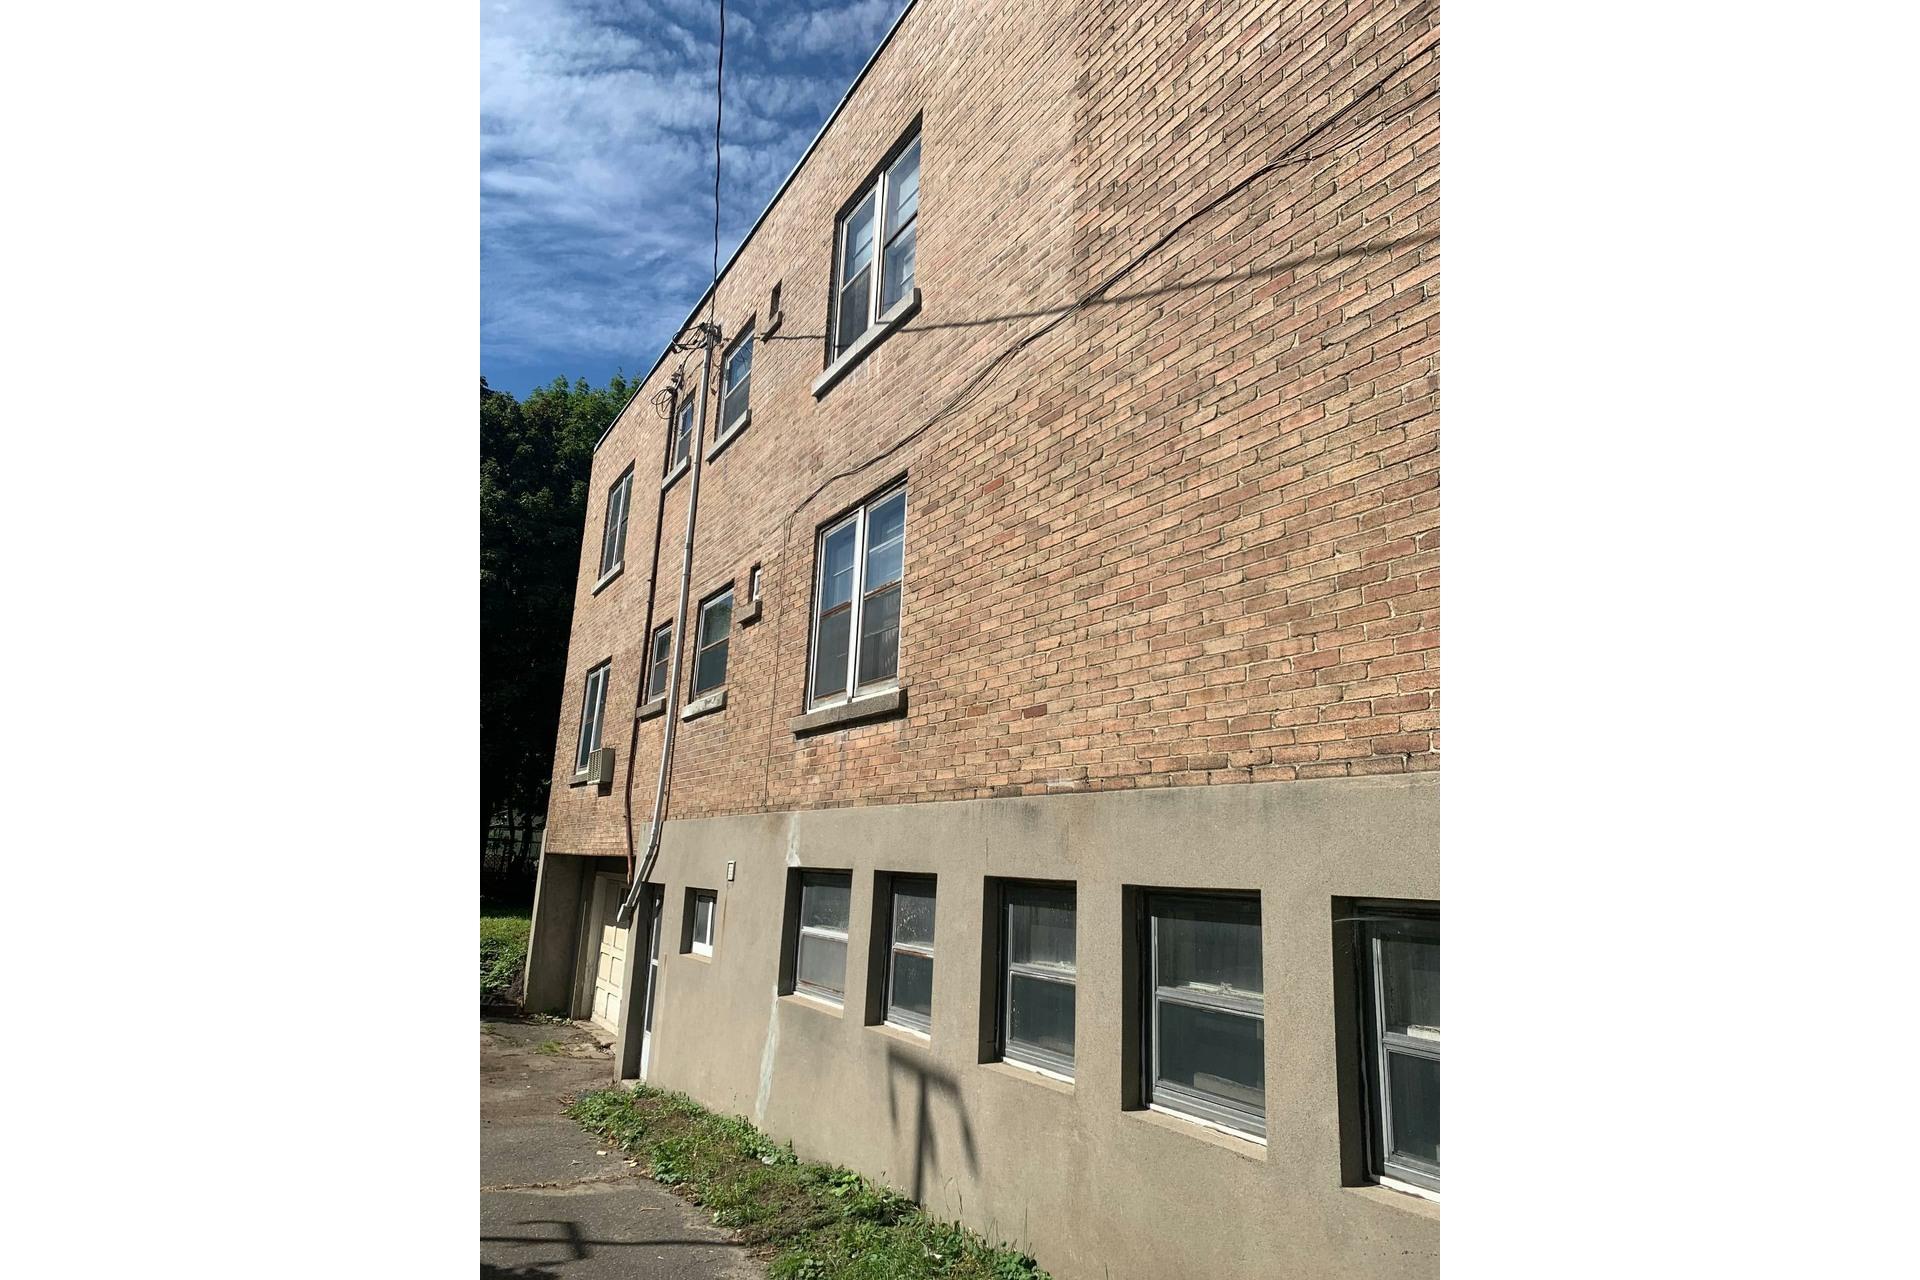 image 5 - Duplex À vendre Côte-des-Neiges/Notre-Dame-de-Grâce Montréal  - 5 pièces